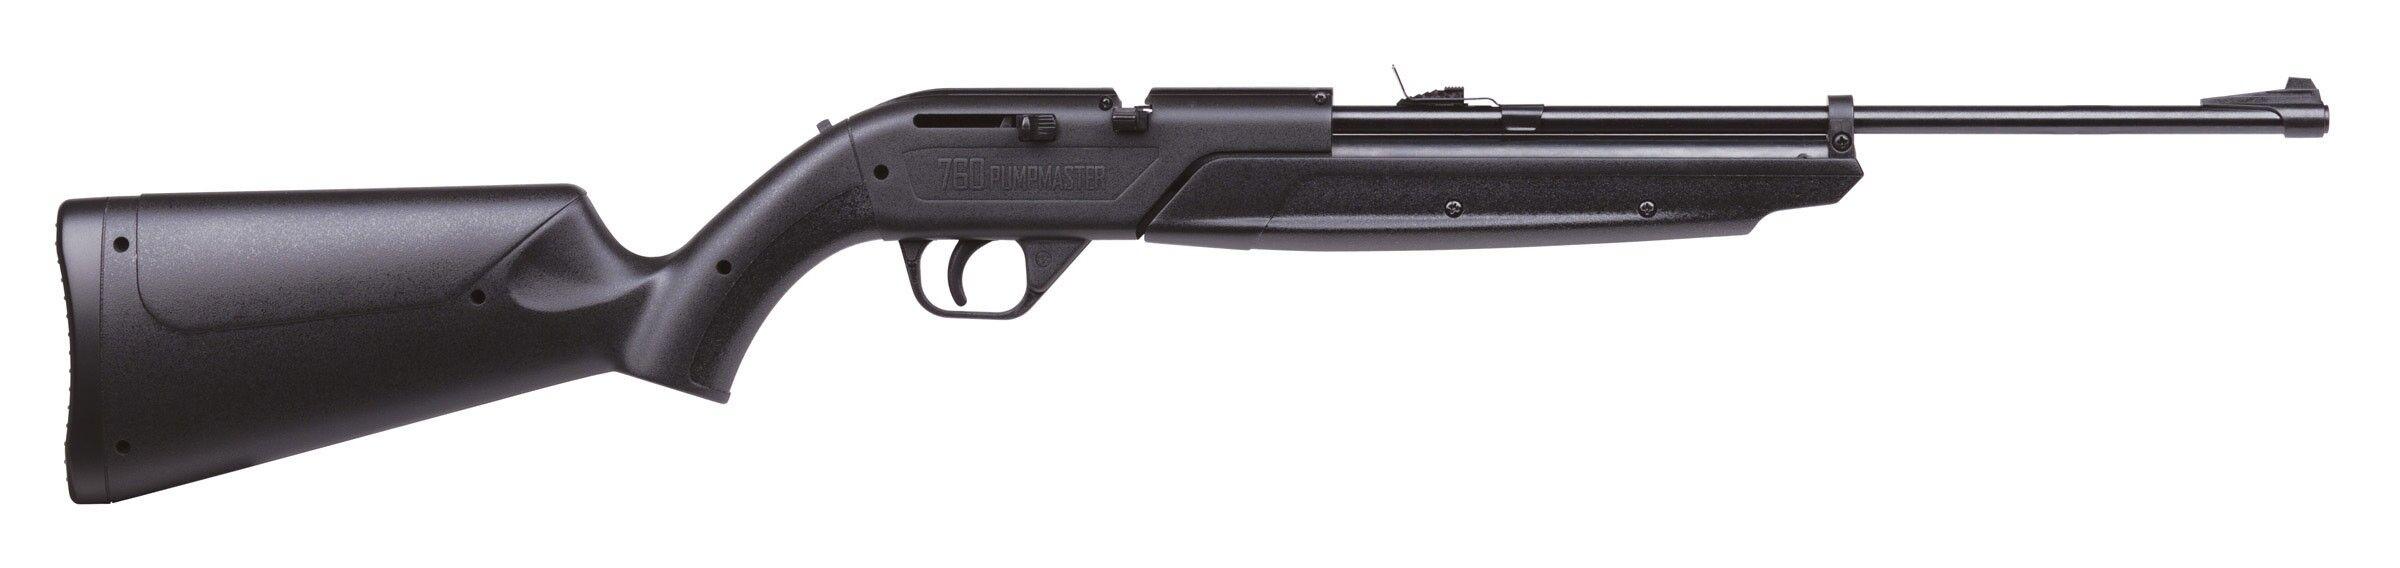 Crosman 760